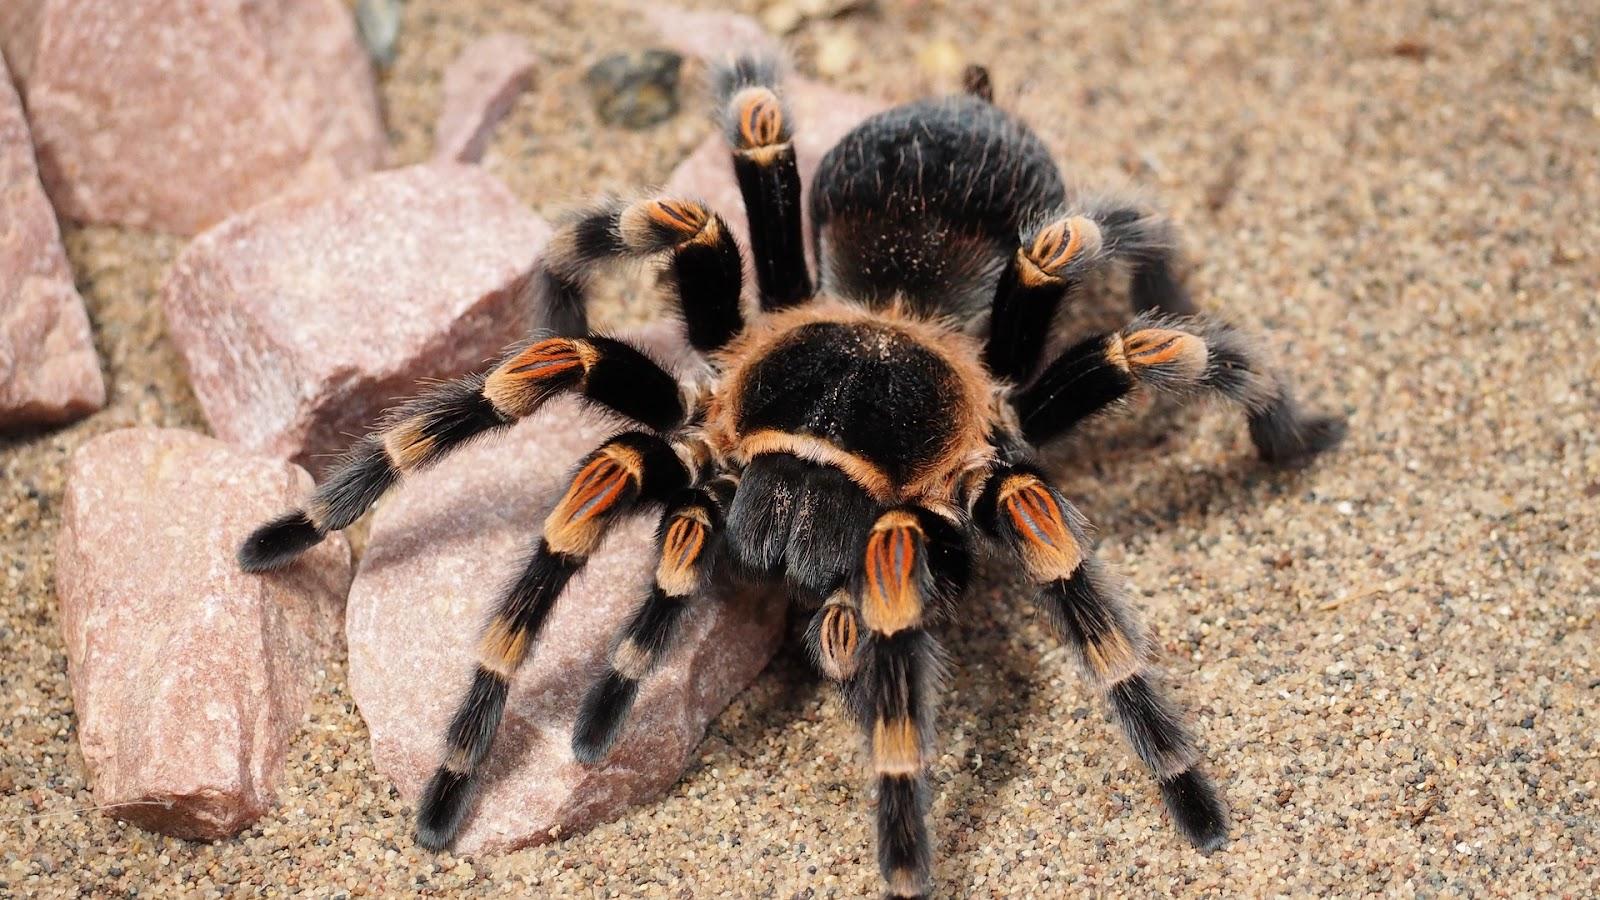 Fuzzy tarantula